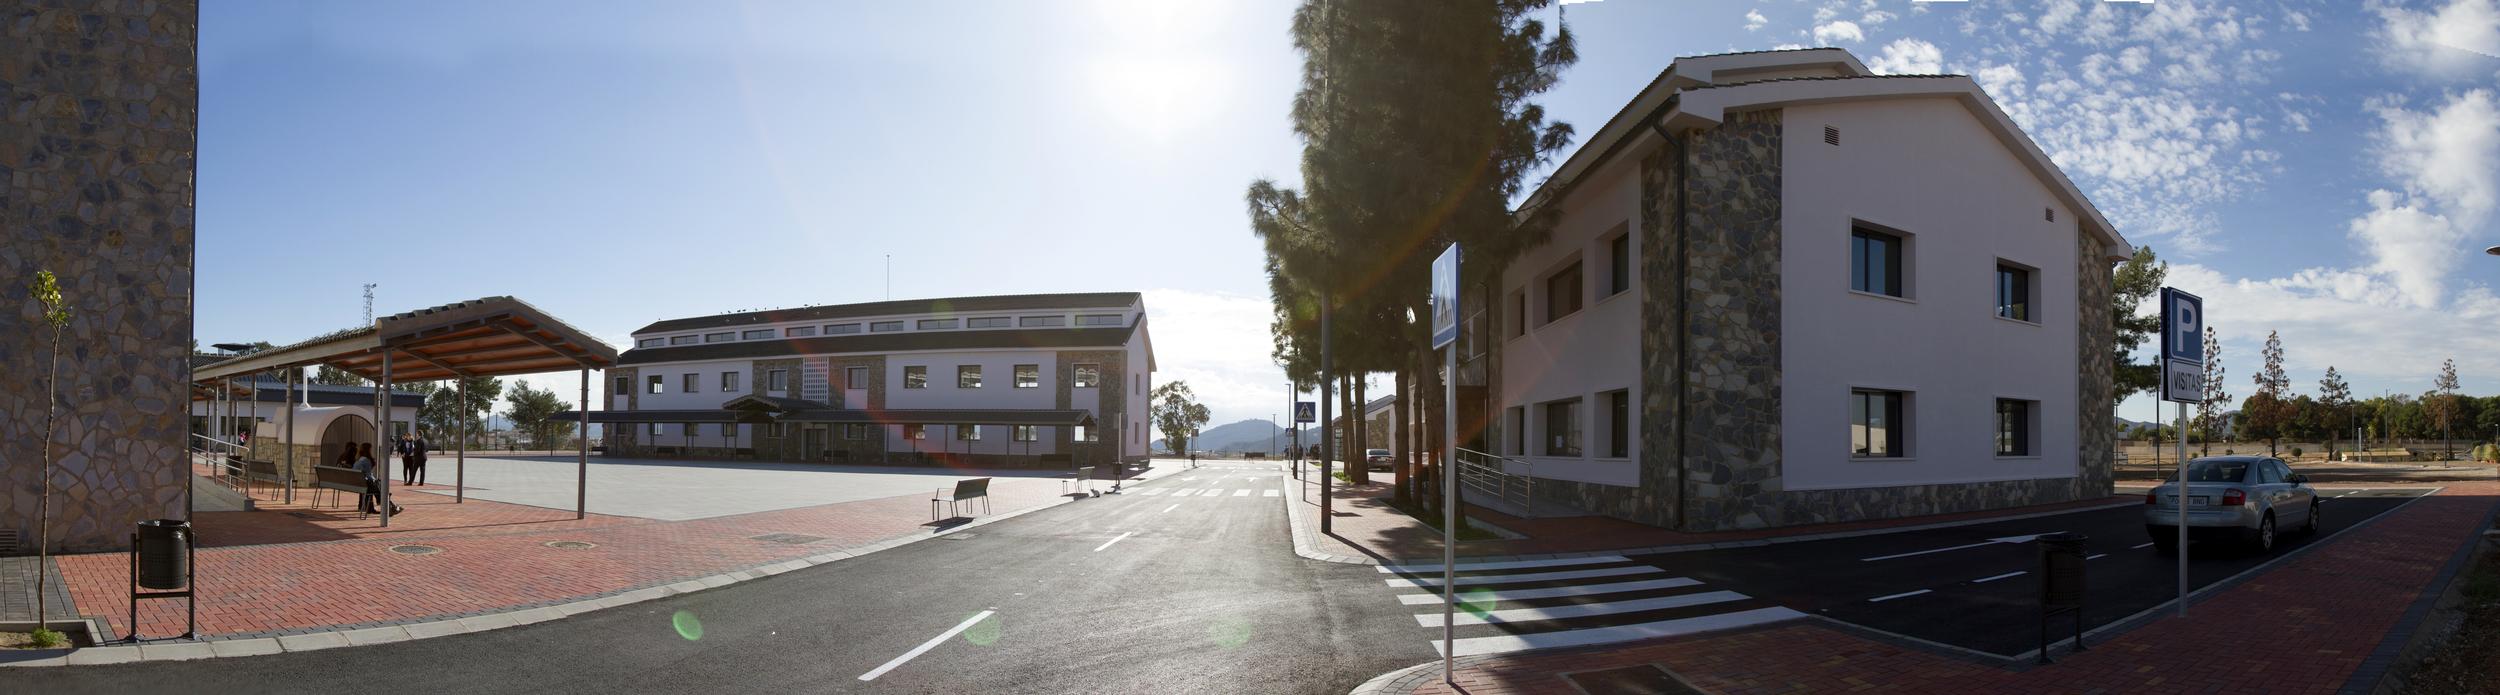 20141203_cartagena_campus_ucam_panoramica_RP_0004.jpg